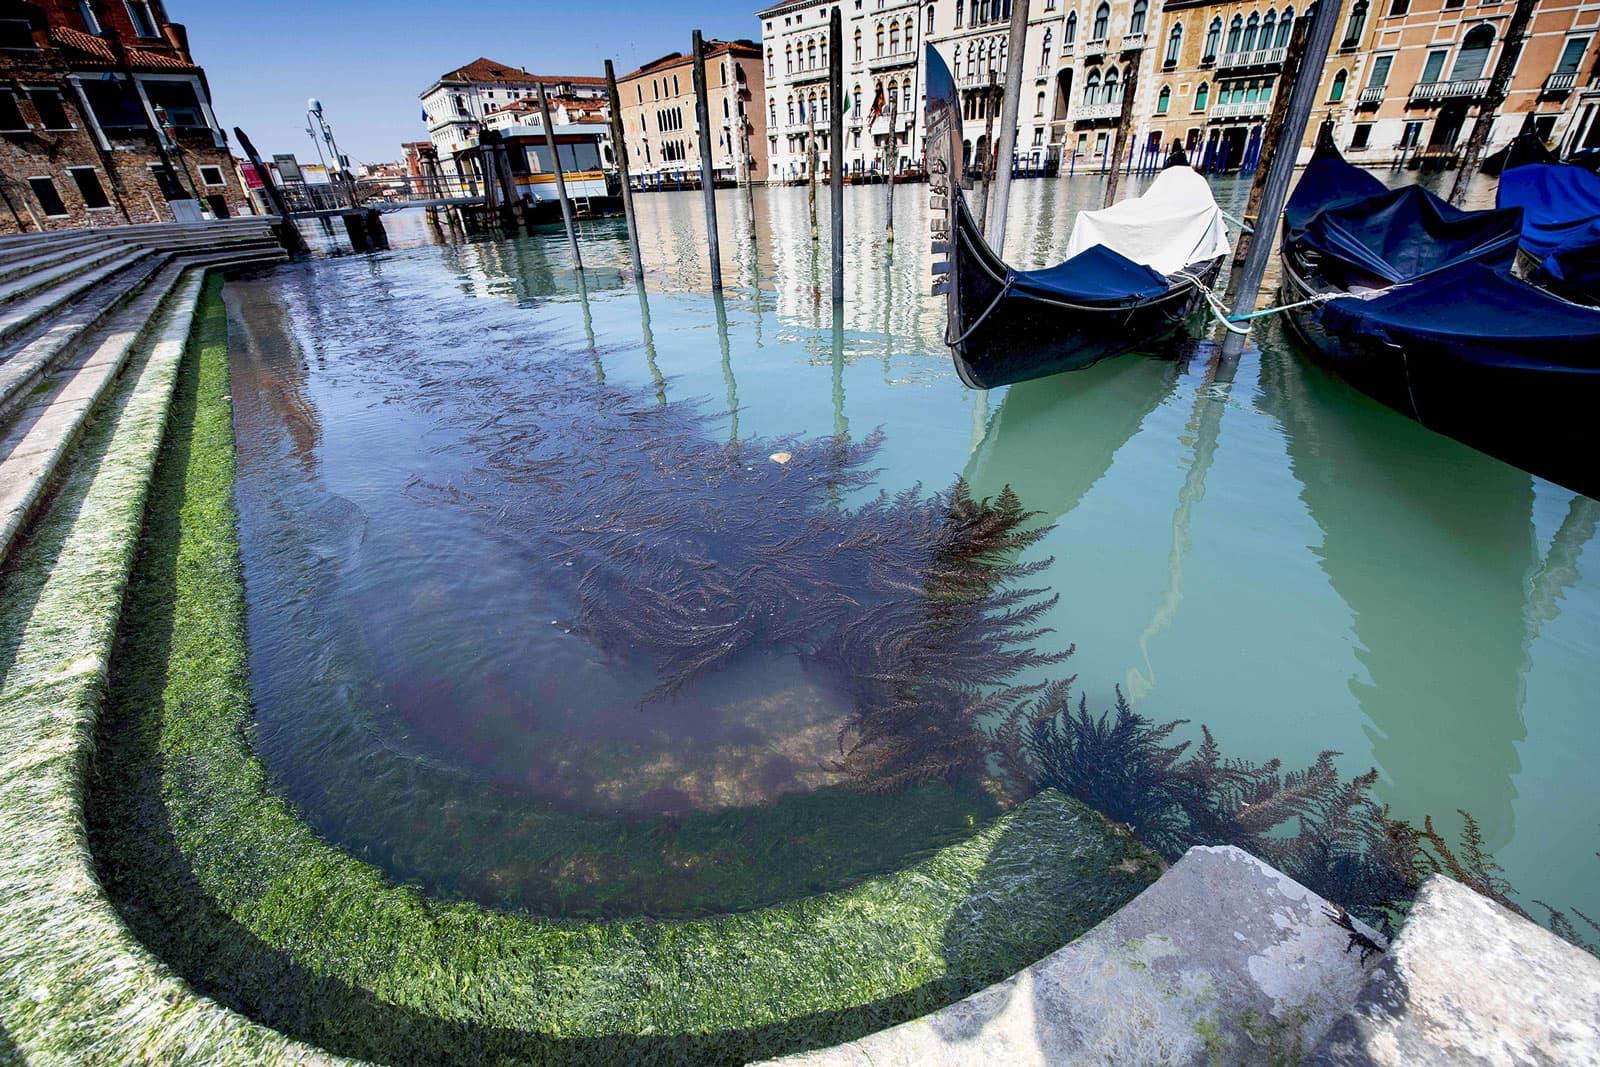 La vegetació creix als canals deserts de Venècia aquest mes de maig. Fotografia de Mbtarget. IPA. ZumaPress.